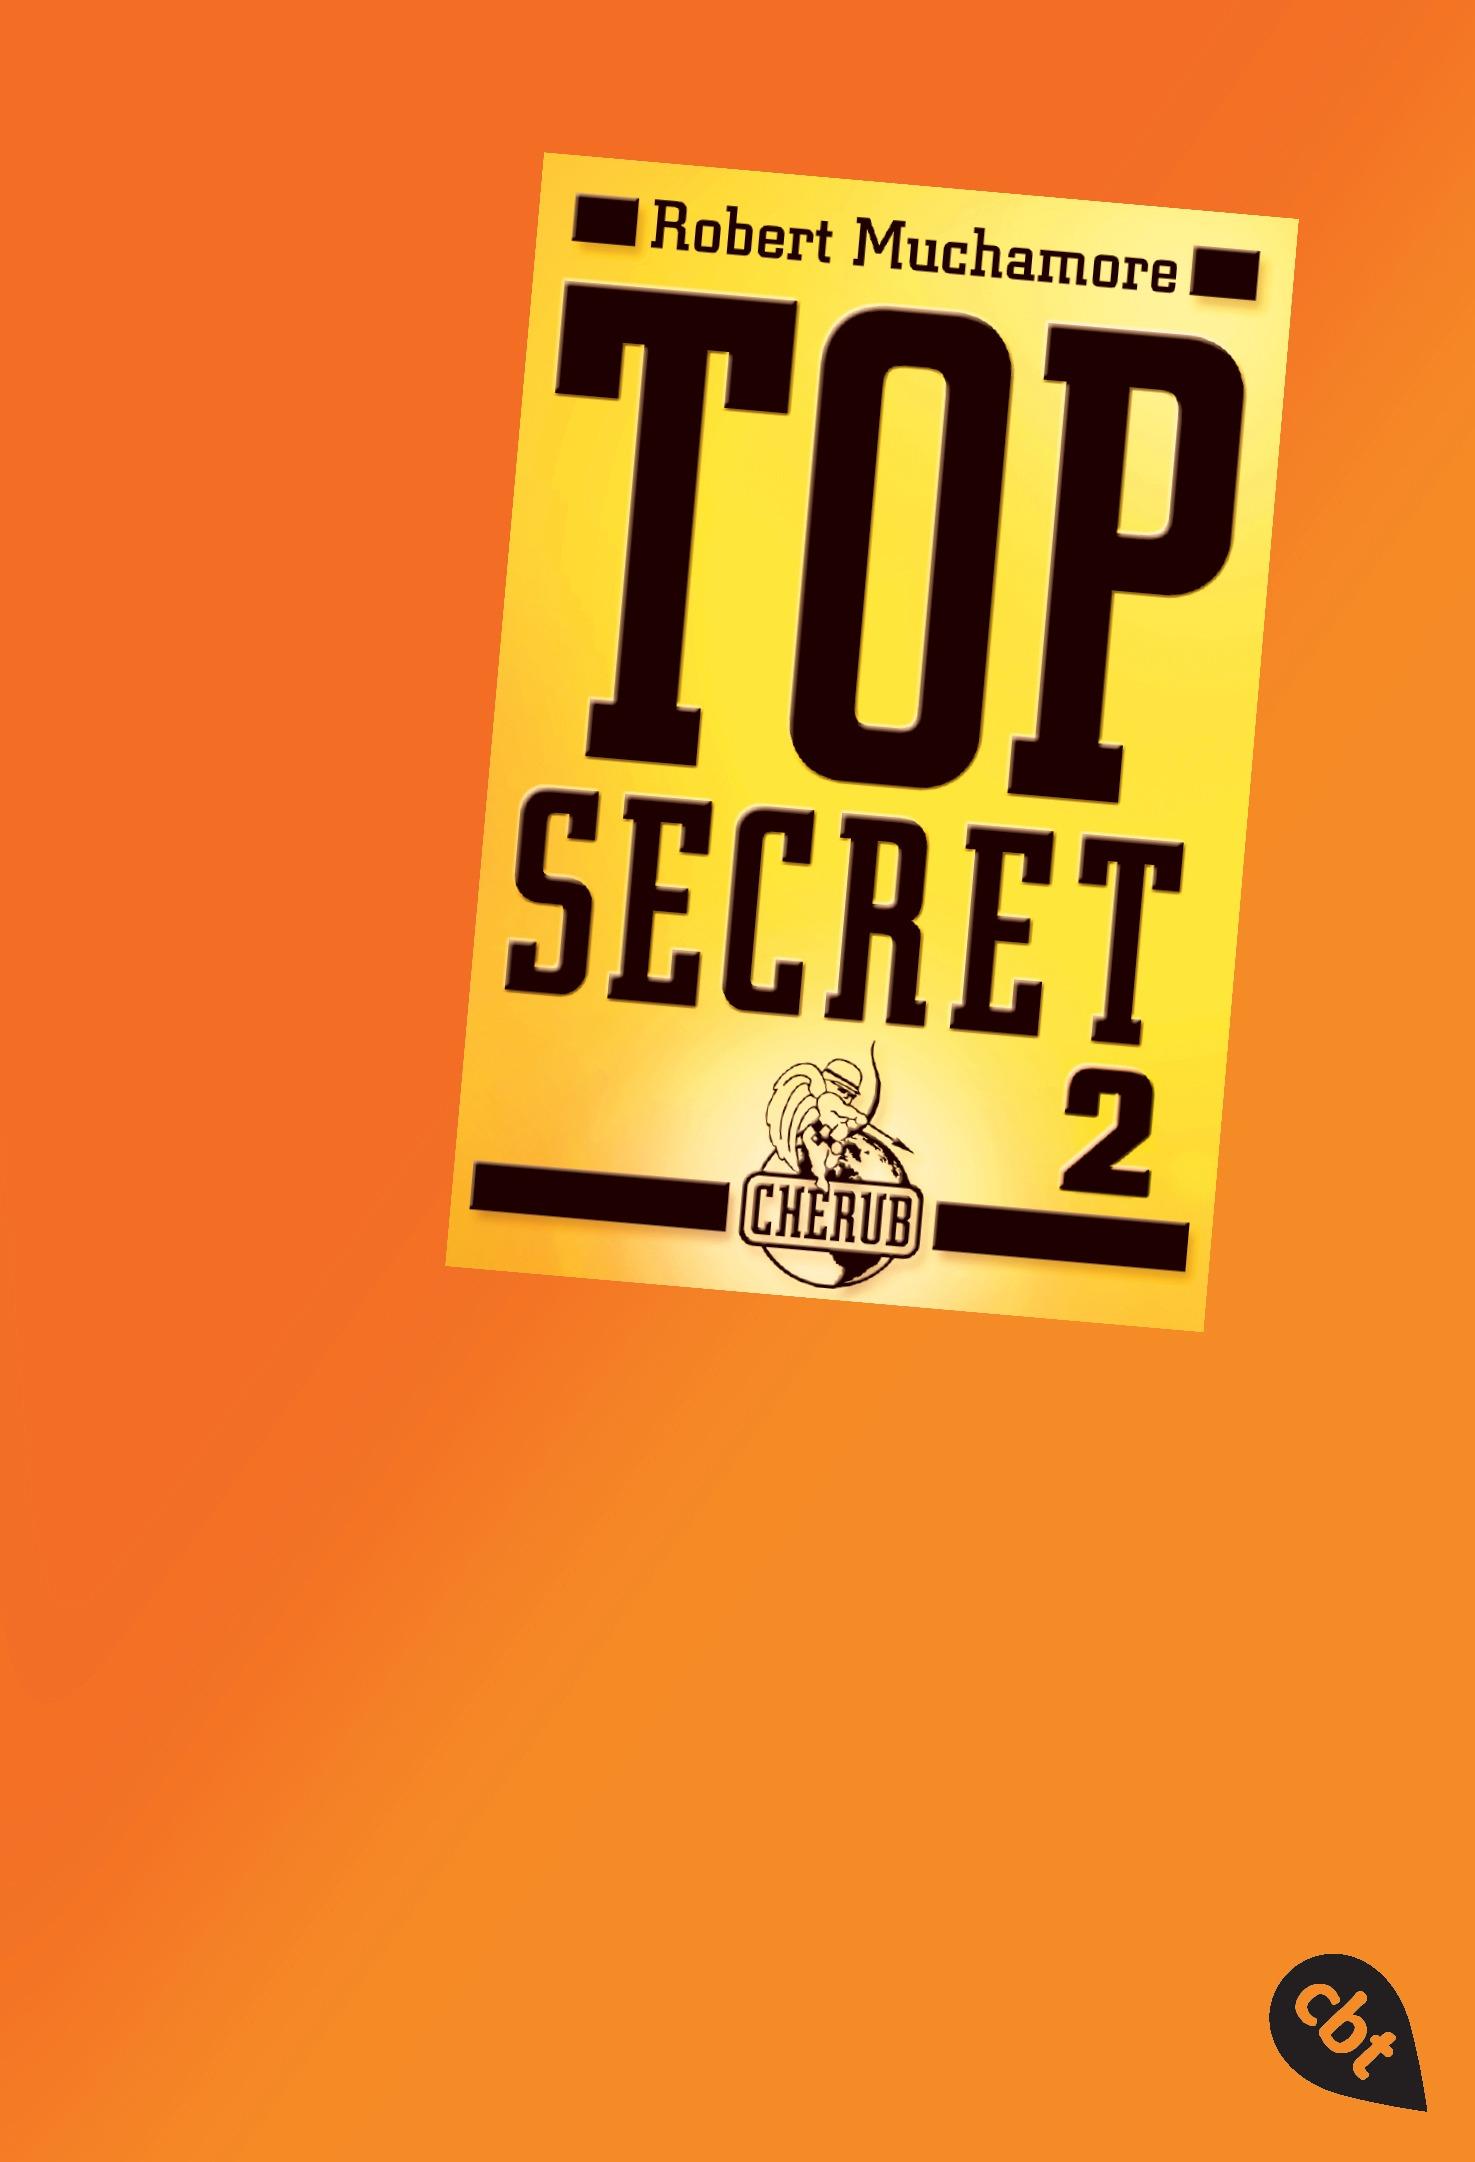 TOP SECRET - Heiße Ware - Robert Muchamore